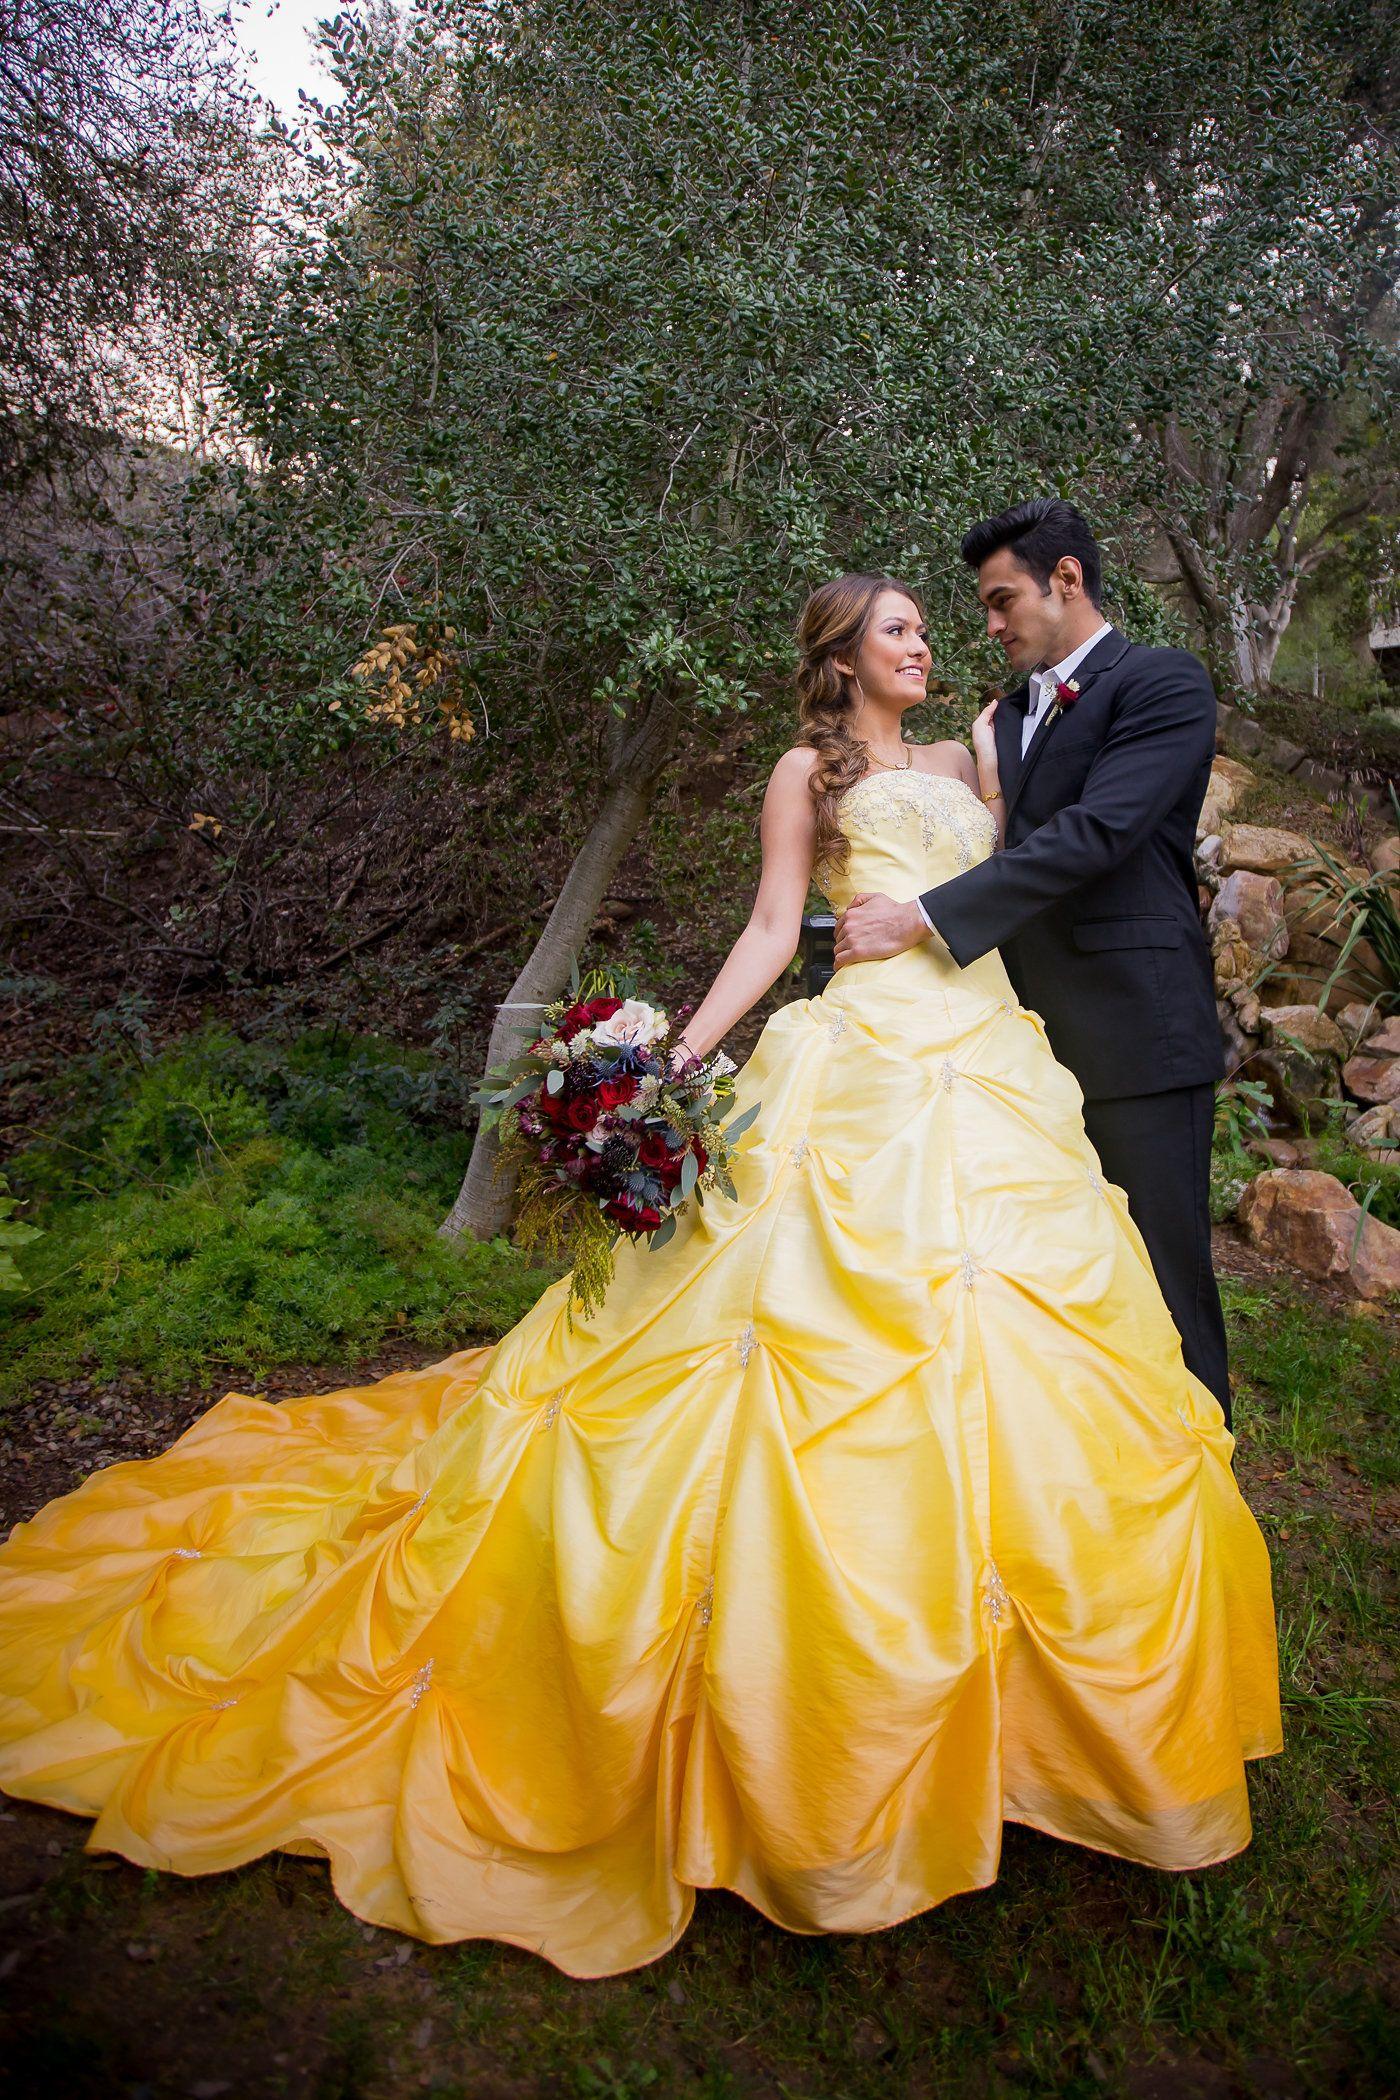 Vestidos de novia bella y bestia